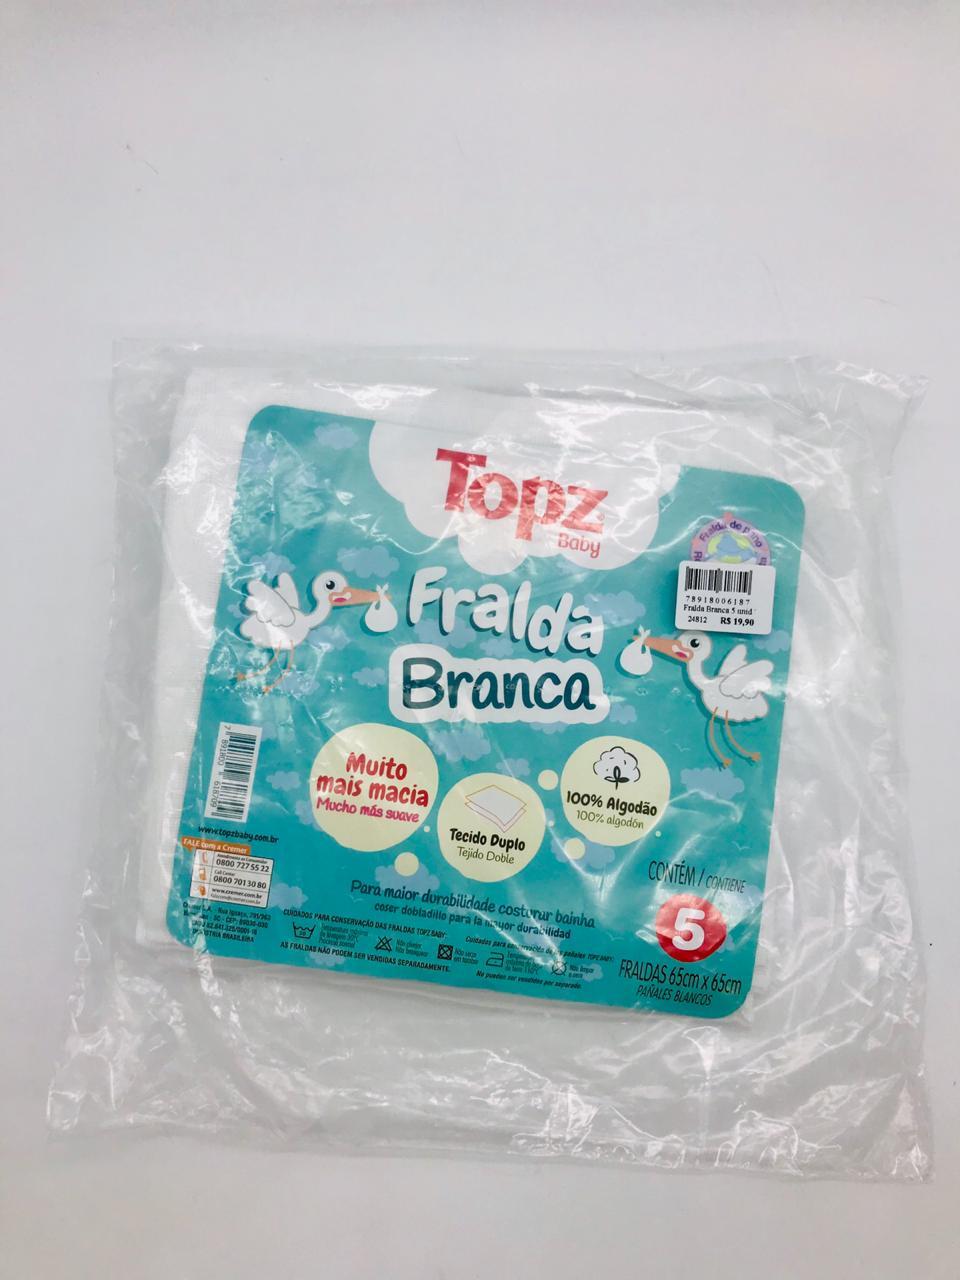 Fralda Branca 5 Unid - Topz Baby